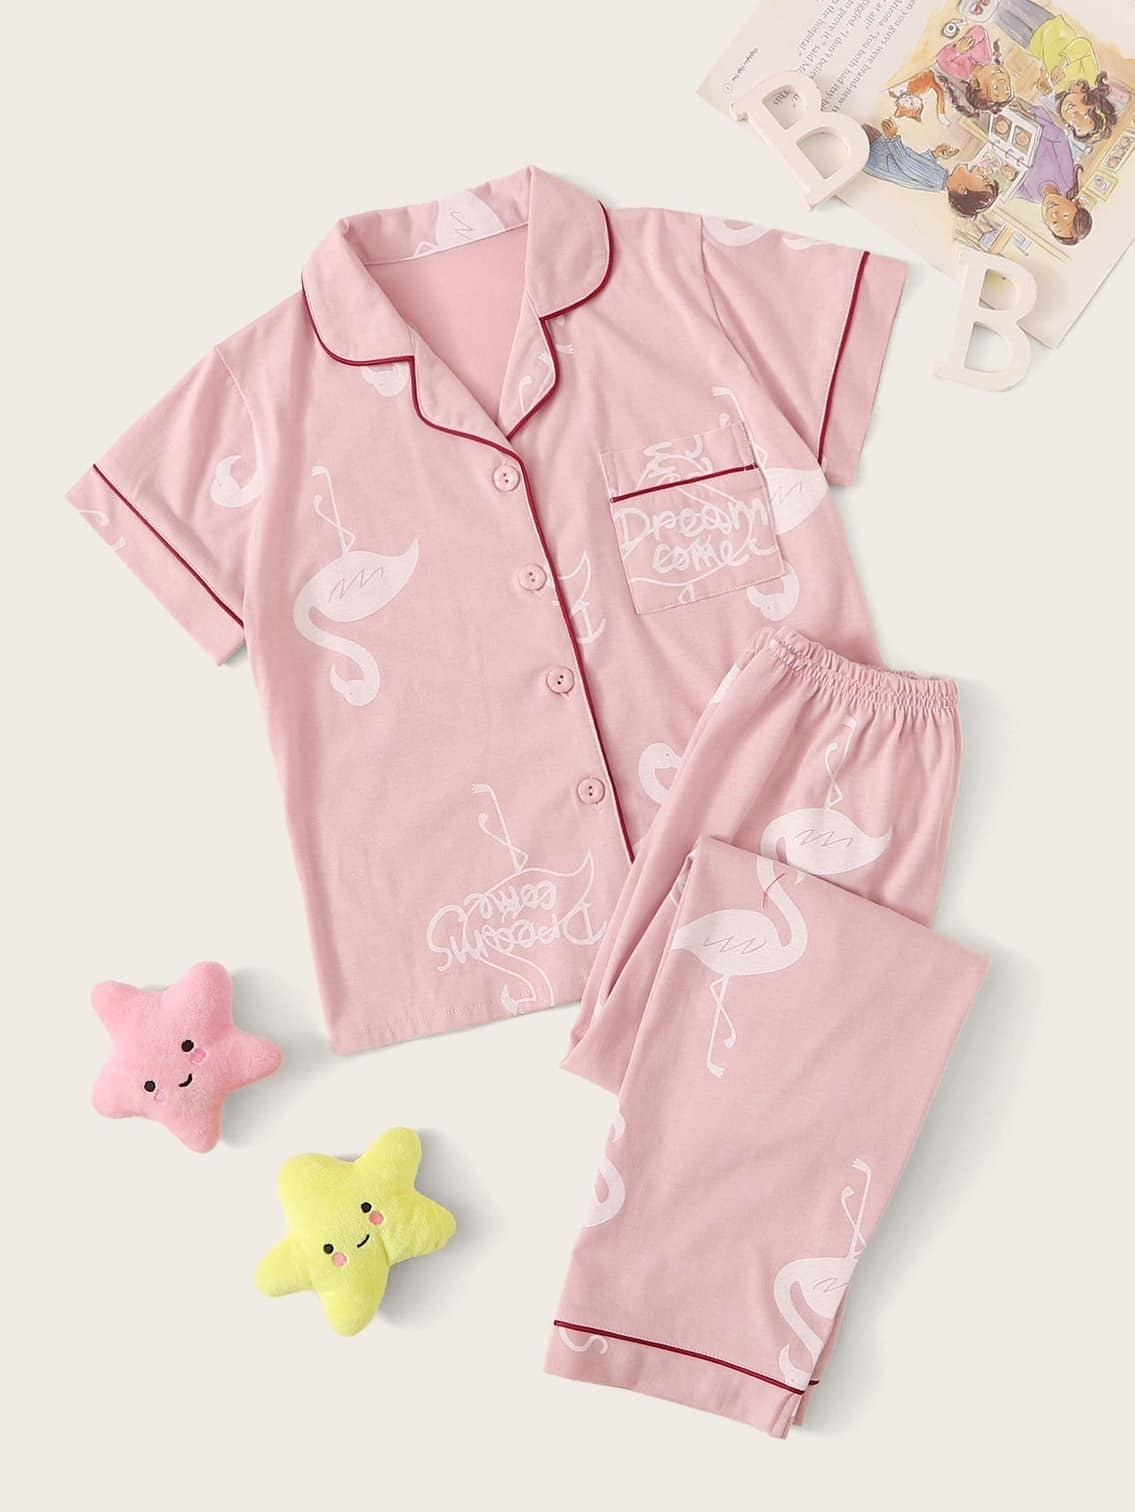 Фото - Пижама с графическим и текстовым принтом для девочек от SheIn цвет розовые